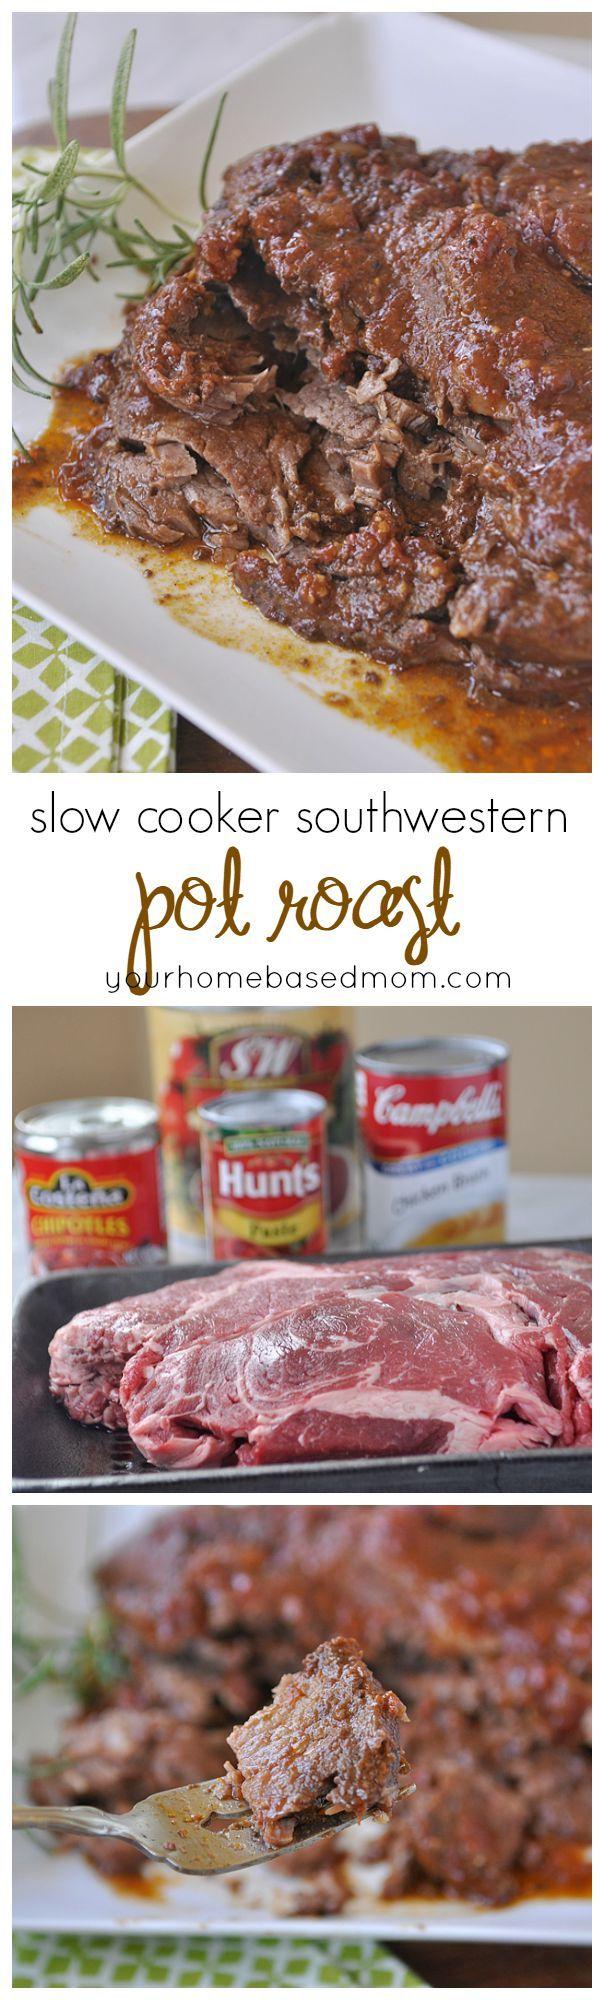 Slow Cooker Southwestern Pot Roast is the best pot roast! Great family dinner recipe.